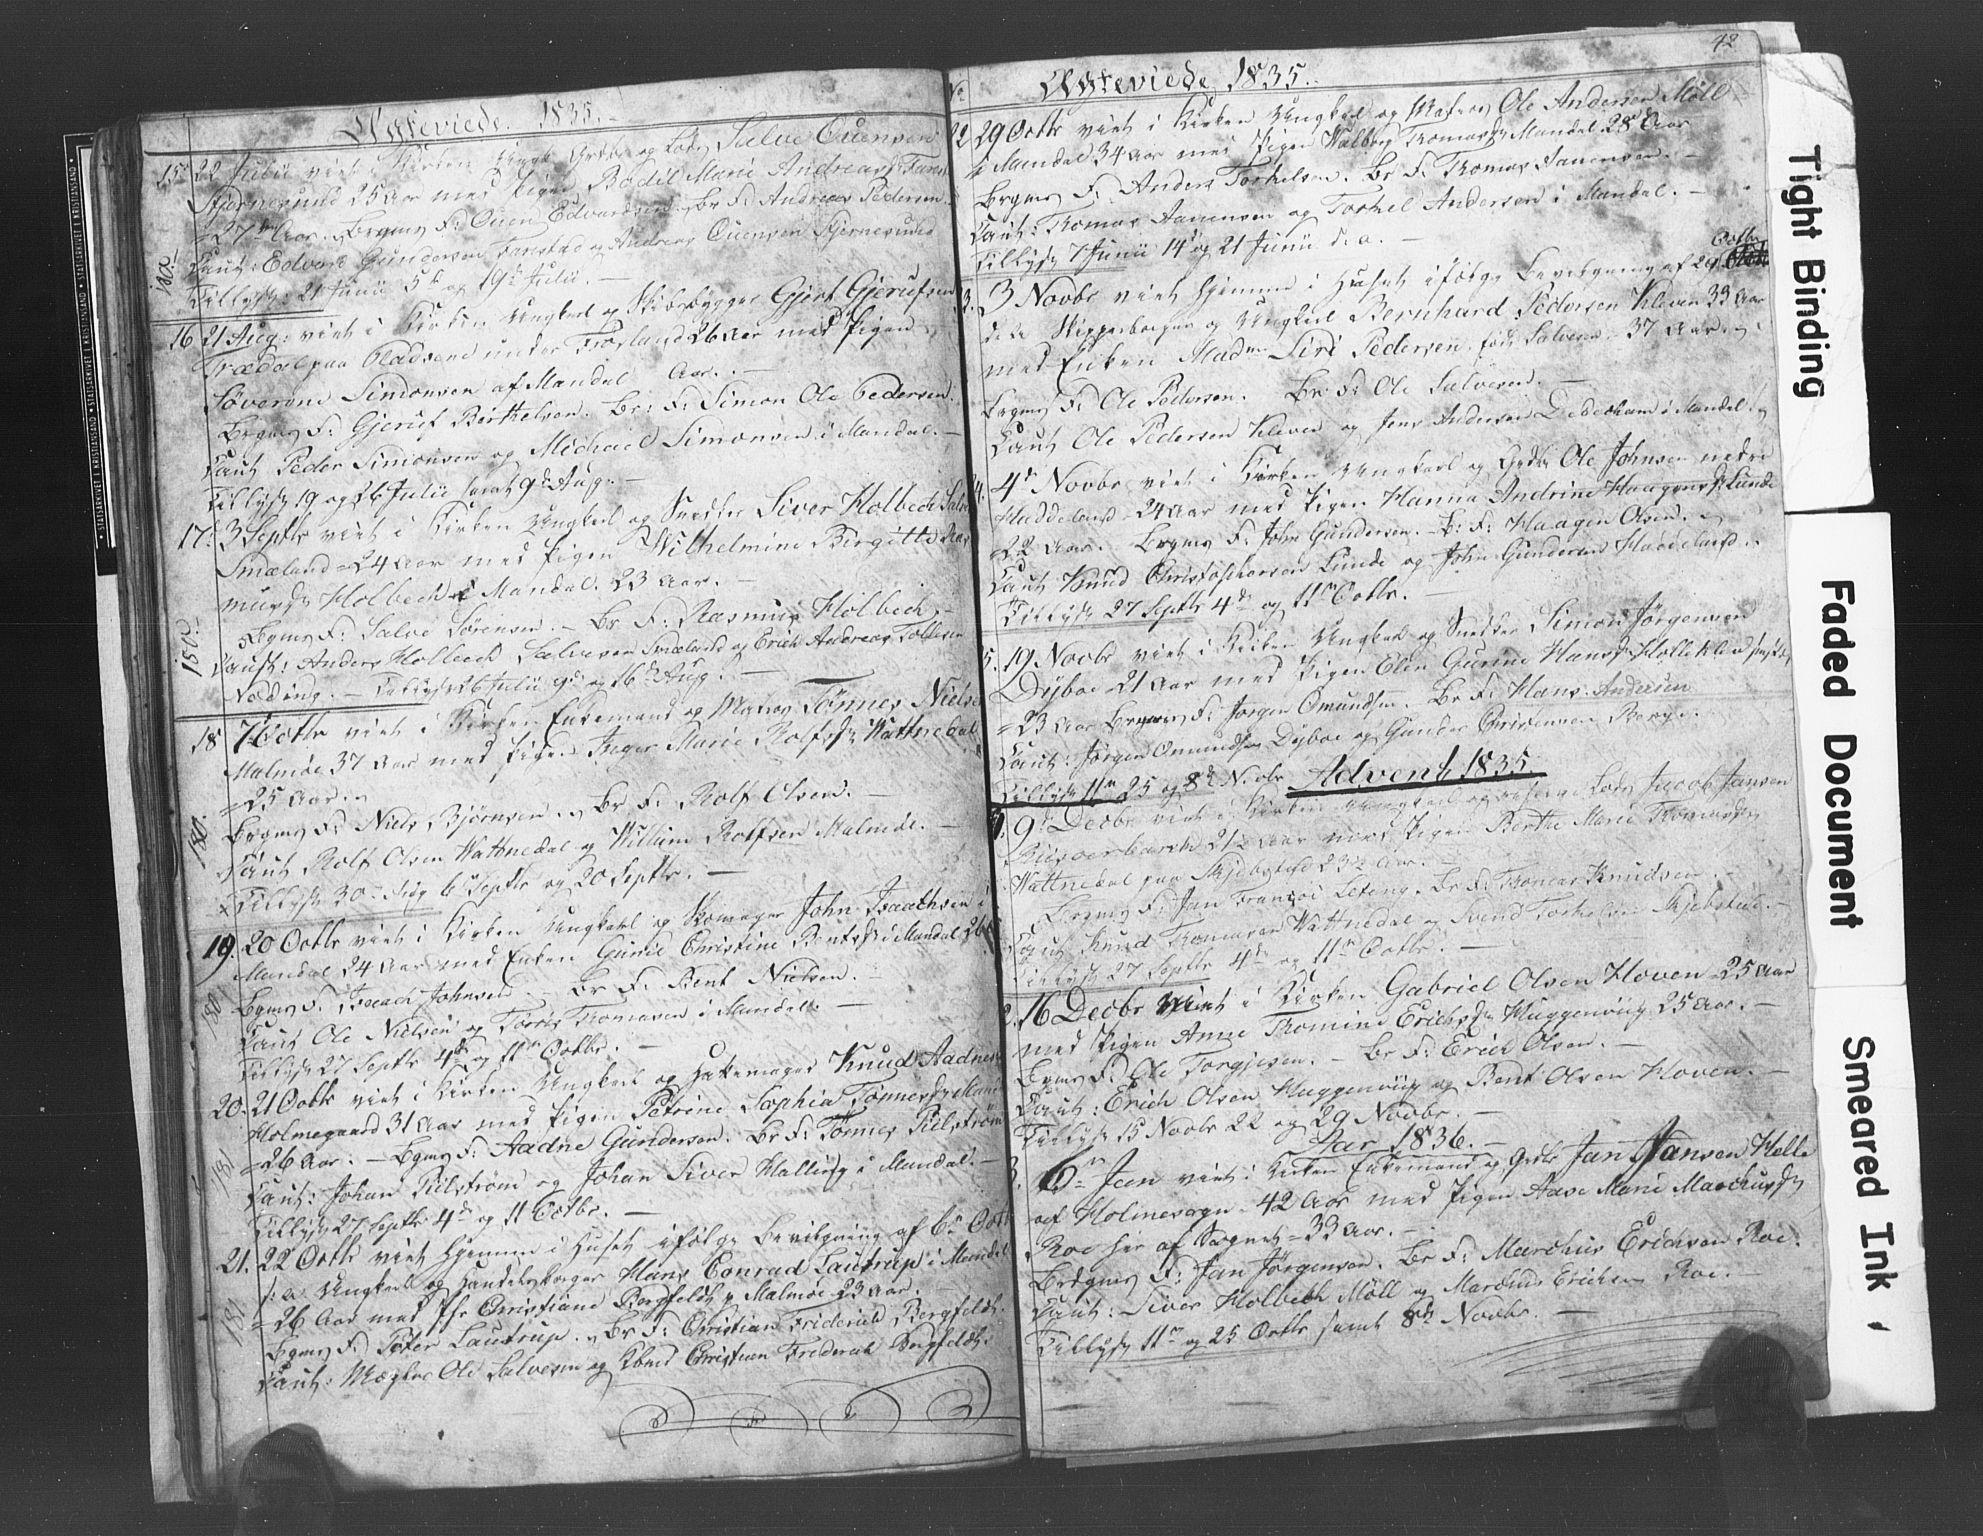 SAK, Mandal sokneprestkontor, F/Fb/Fba/L0003: Klokkerbok nr. B 1C, 1834-1838, s. 42